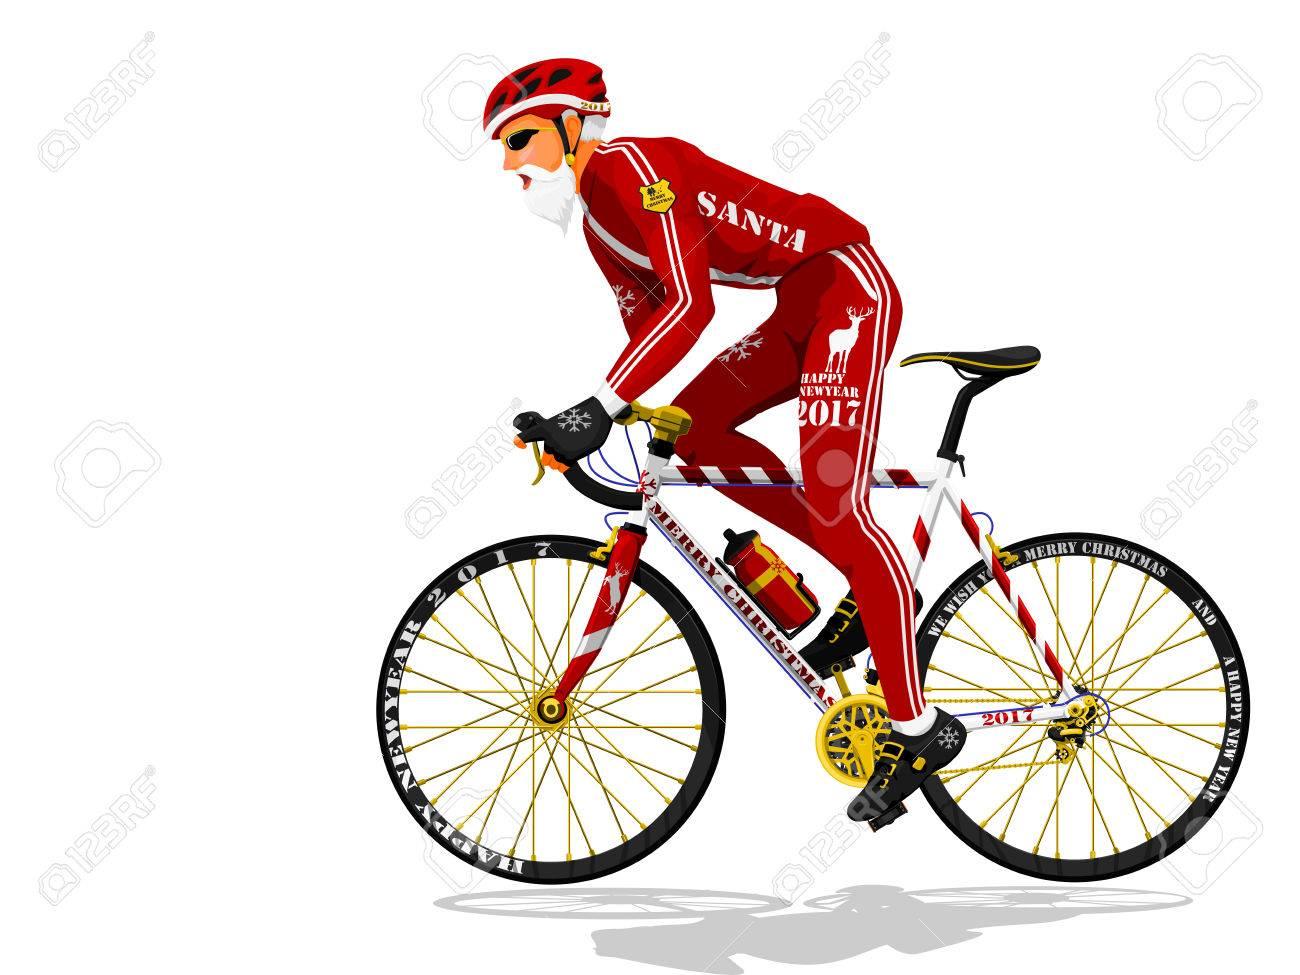 Babbo Natale In Bicicletta.Vettoriale Babbo Natale E In Bicicletta Trasparente Image 68480260